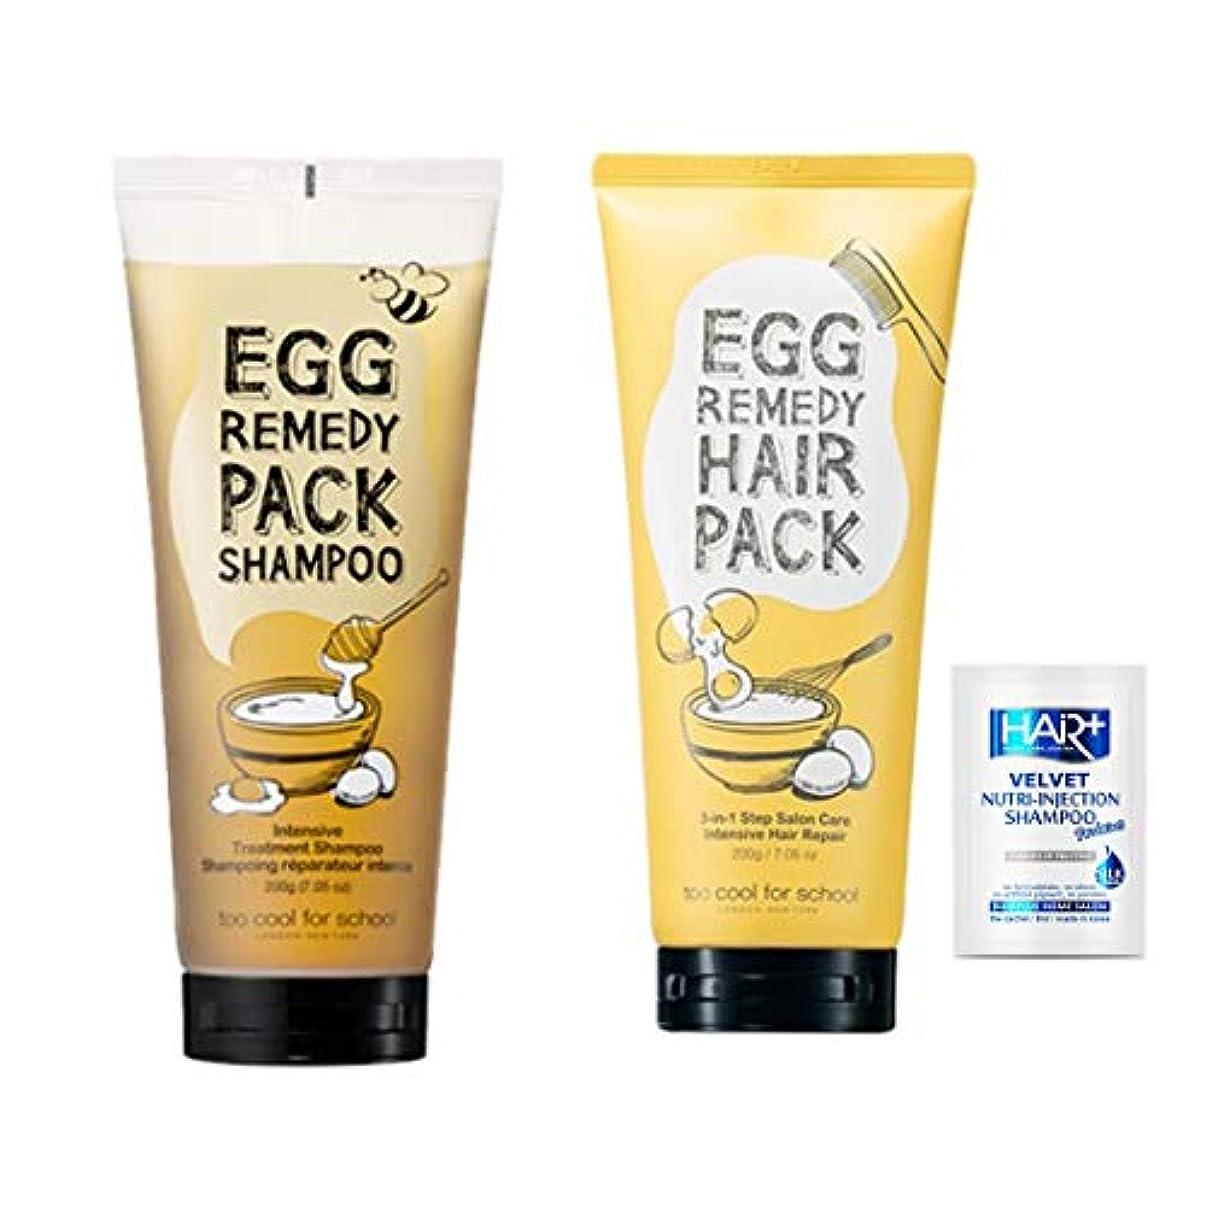 シプリー豊富な時々時々トゥークールフォ―スクール(too cool for school)/エッグレミディパックシャンプーtoo cool for school Egg Remedy Pack Shampoo 200ml + エッグレミディヘアパック...